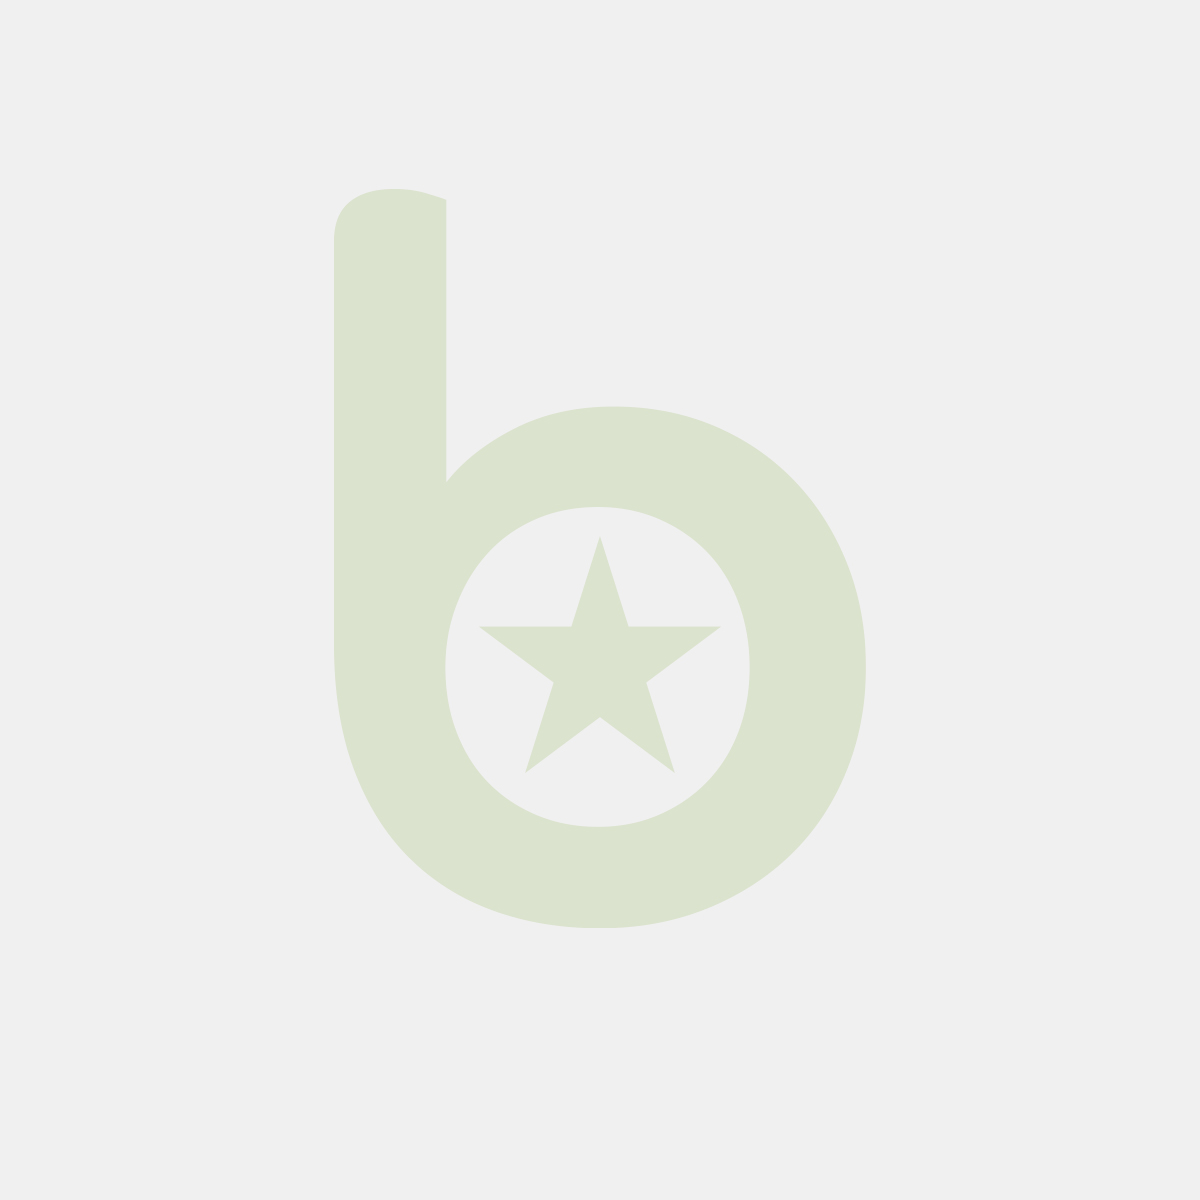 DR MANUSTERIL Gel 5L (k/4) żel do dezynfekcji rąk D-COV E75